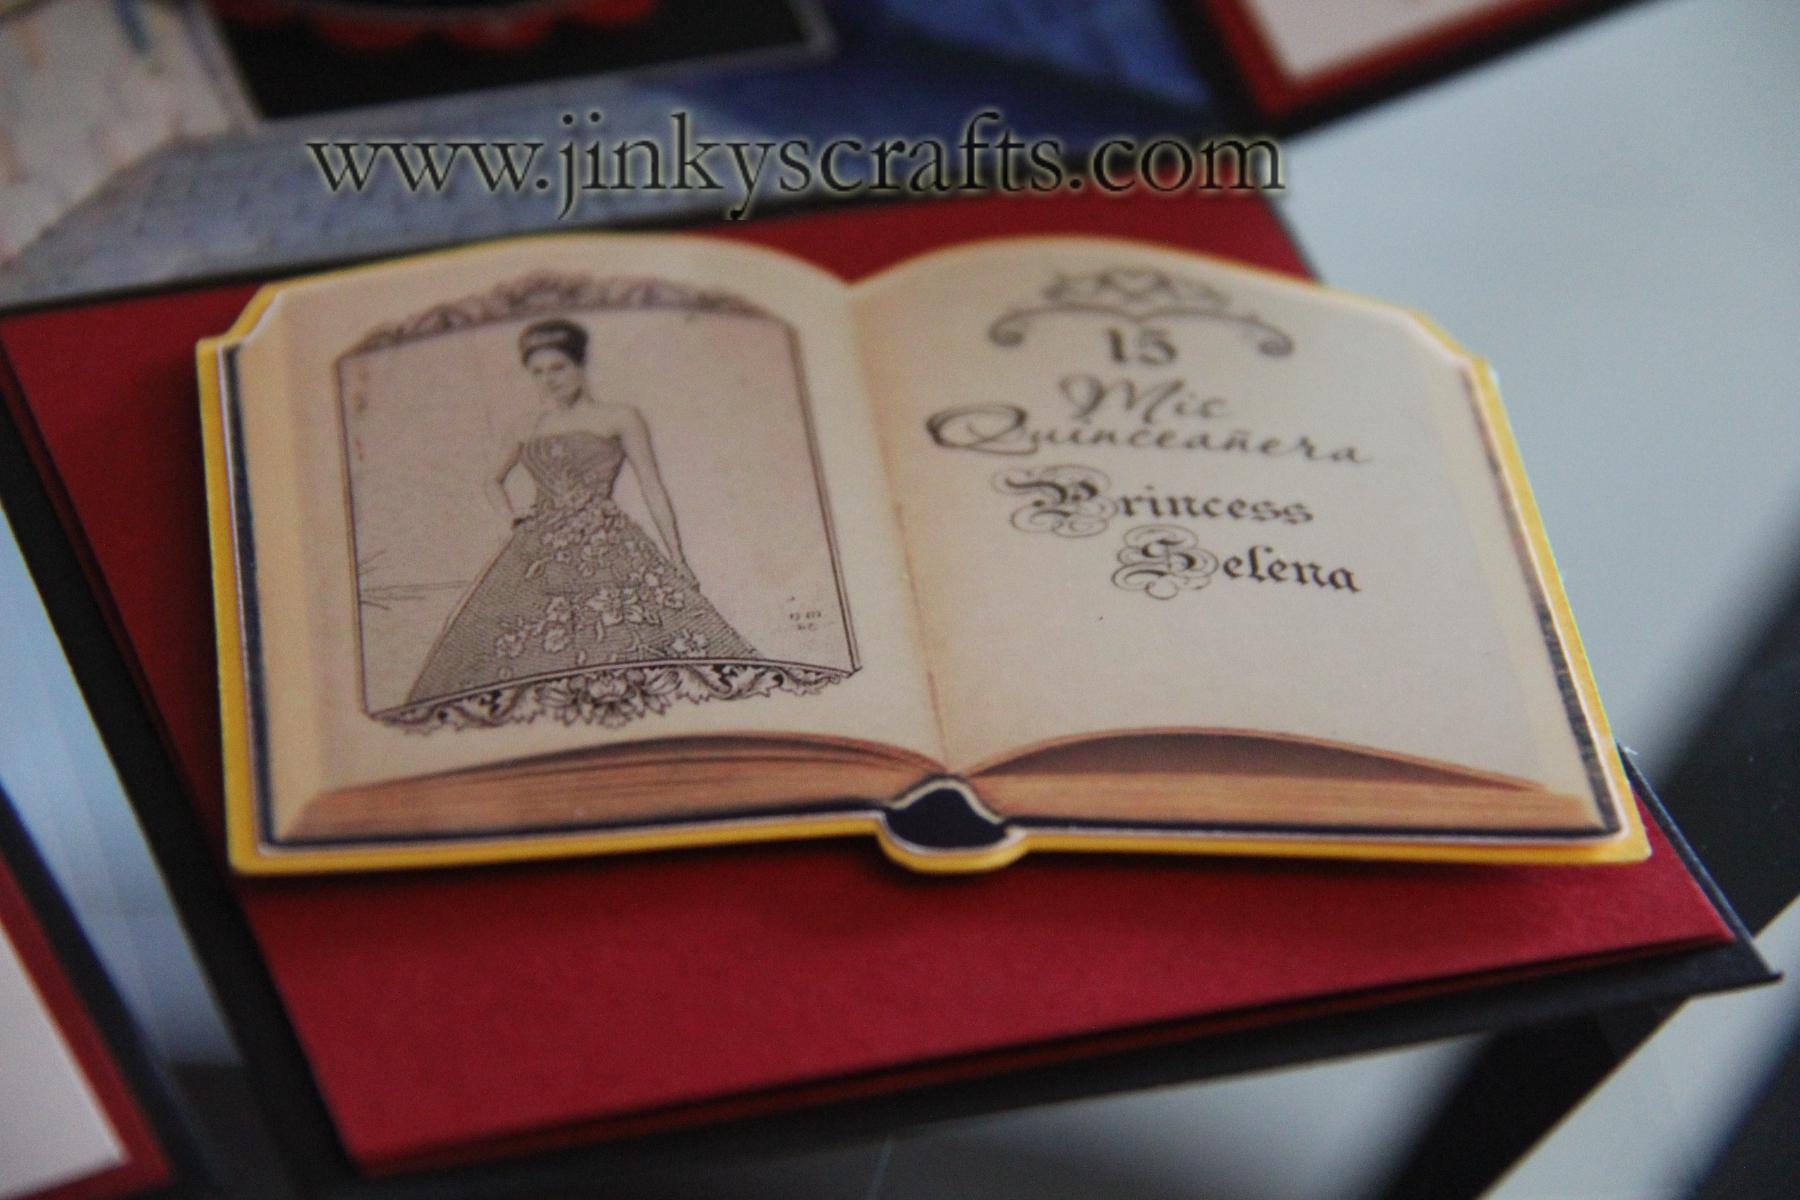 Princess Pop-Up Invitations - Jinkys Crafts